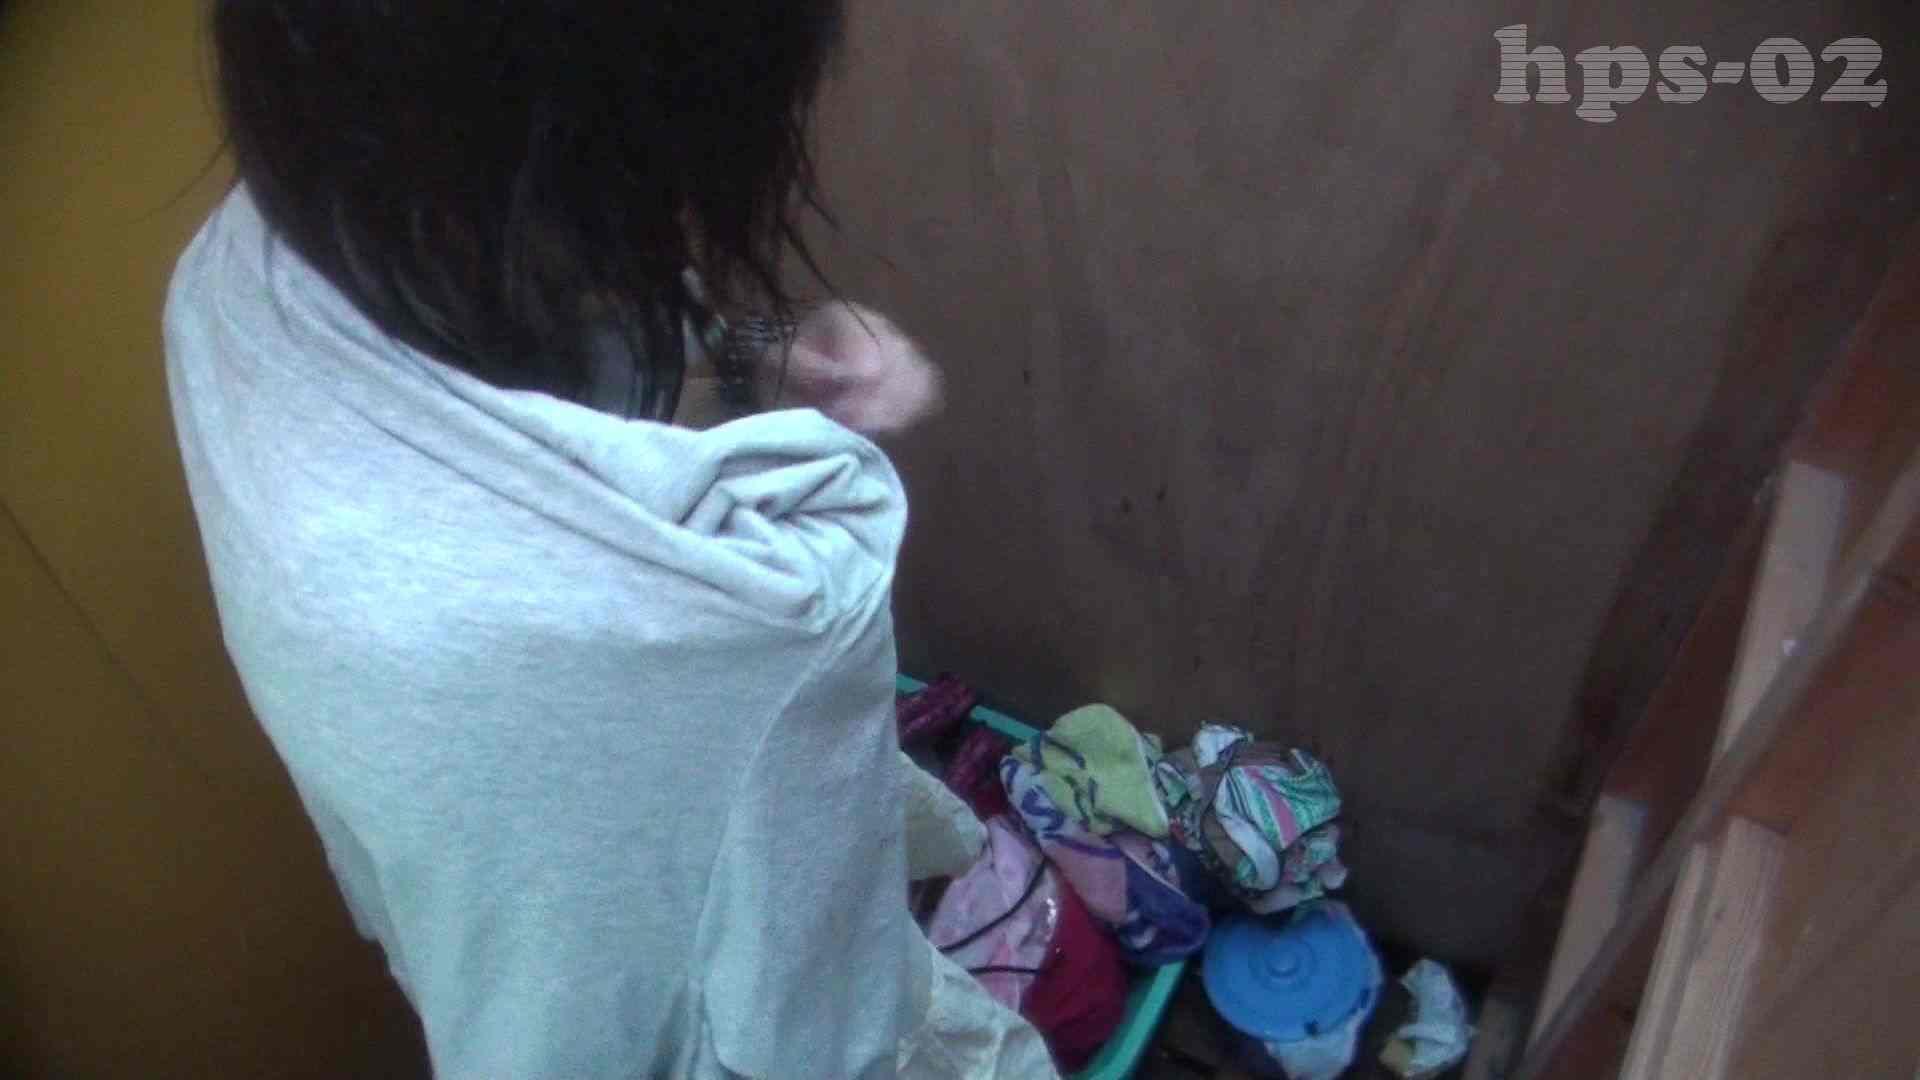 シャワールームは超!!危険な香りVol.2 カメラに目線をやるのですがまったく気が付きません。 OLセックス 隠し撮りオマンコ動画紹介 53画像 8